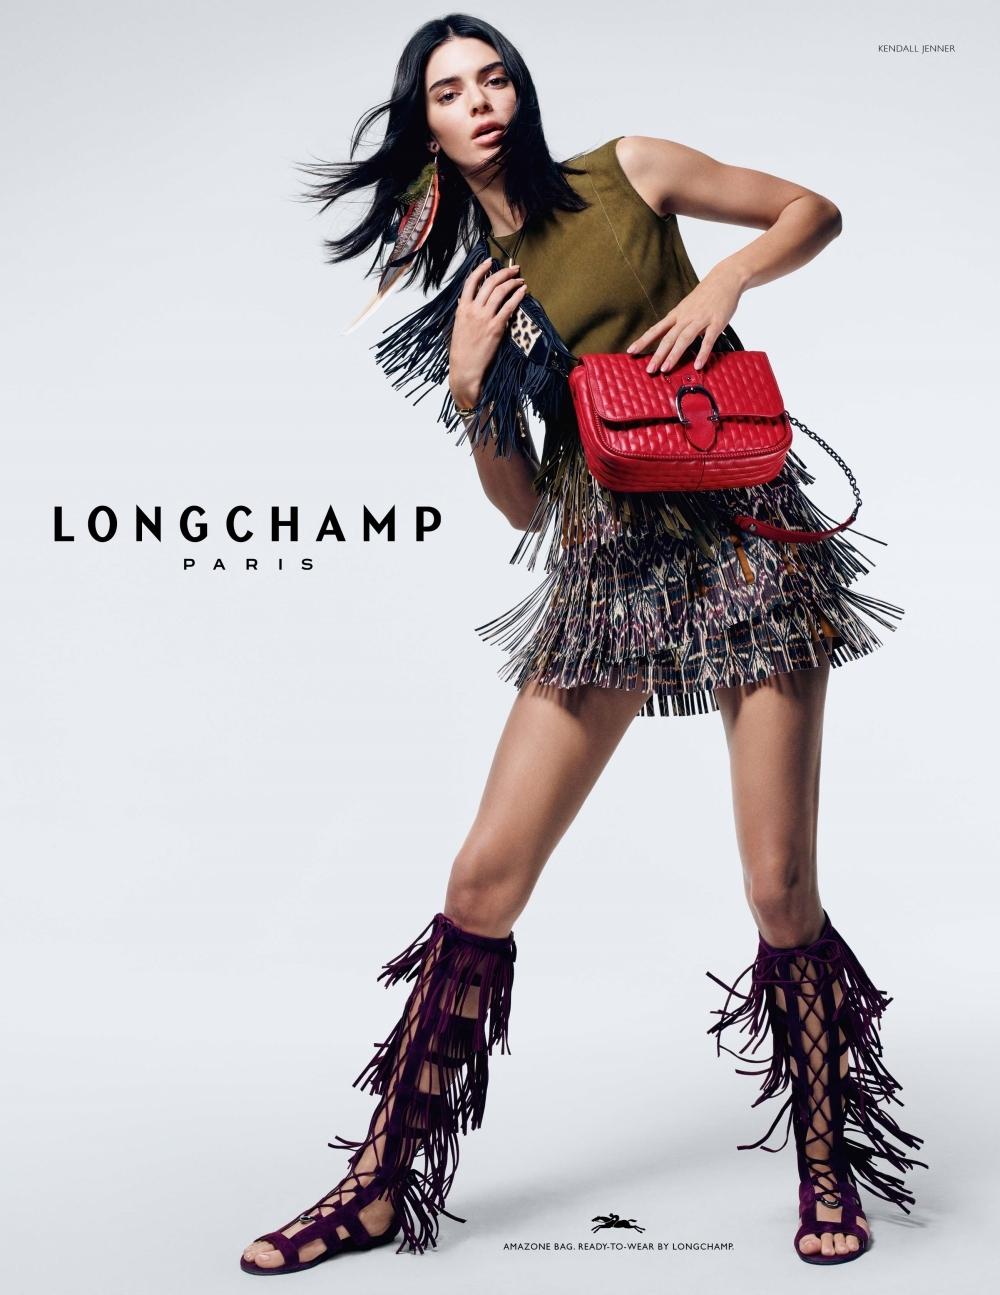 這個紅很可以!周冬雨搶揹Longchamp紅腰包 新春帥氣瀟灑走一回